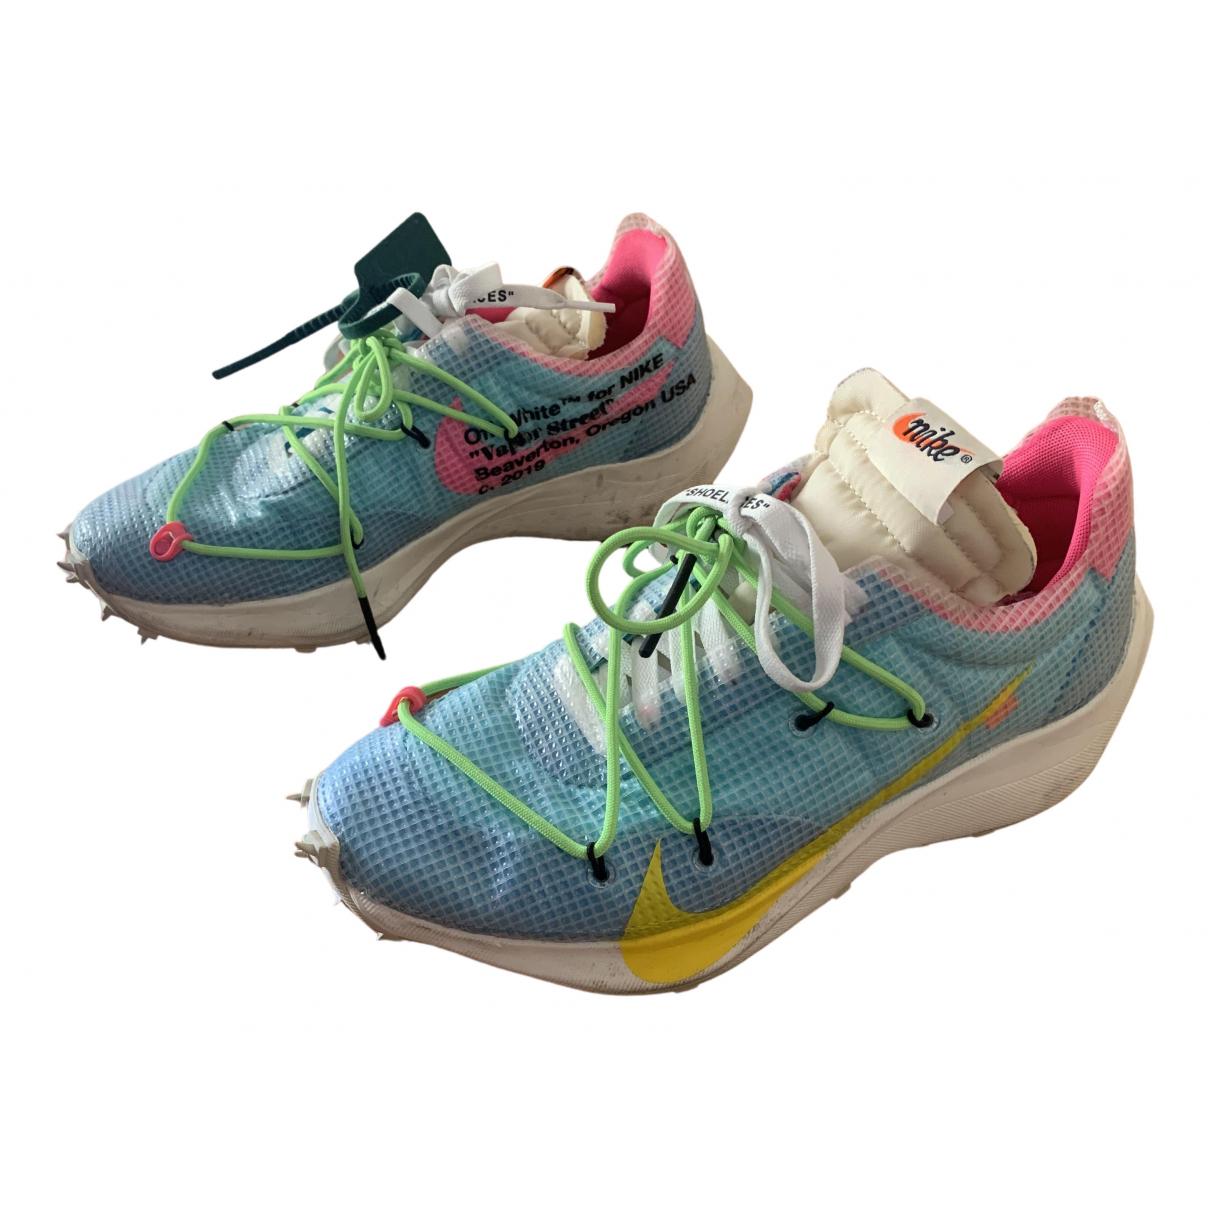 Nike X Off-white Vapor Street Cloth Trainers for Men 42.5 EU